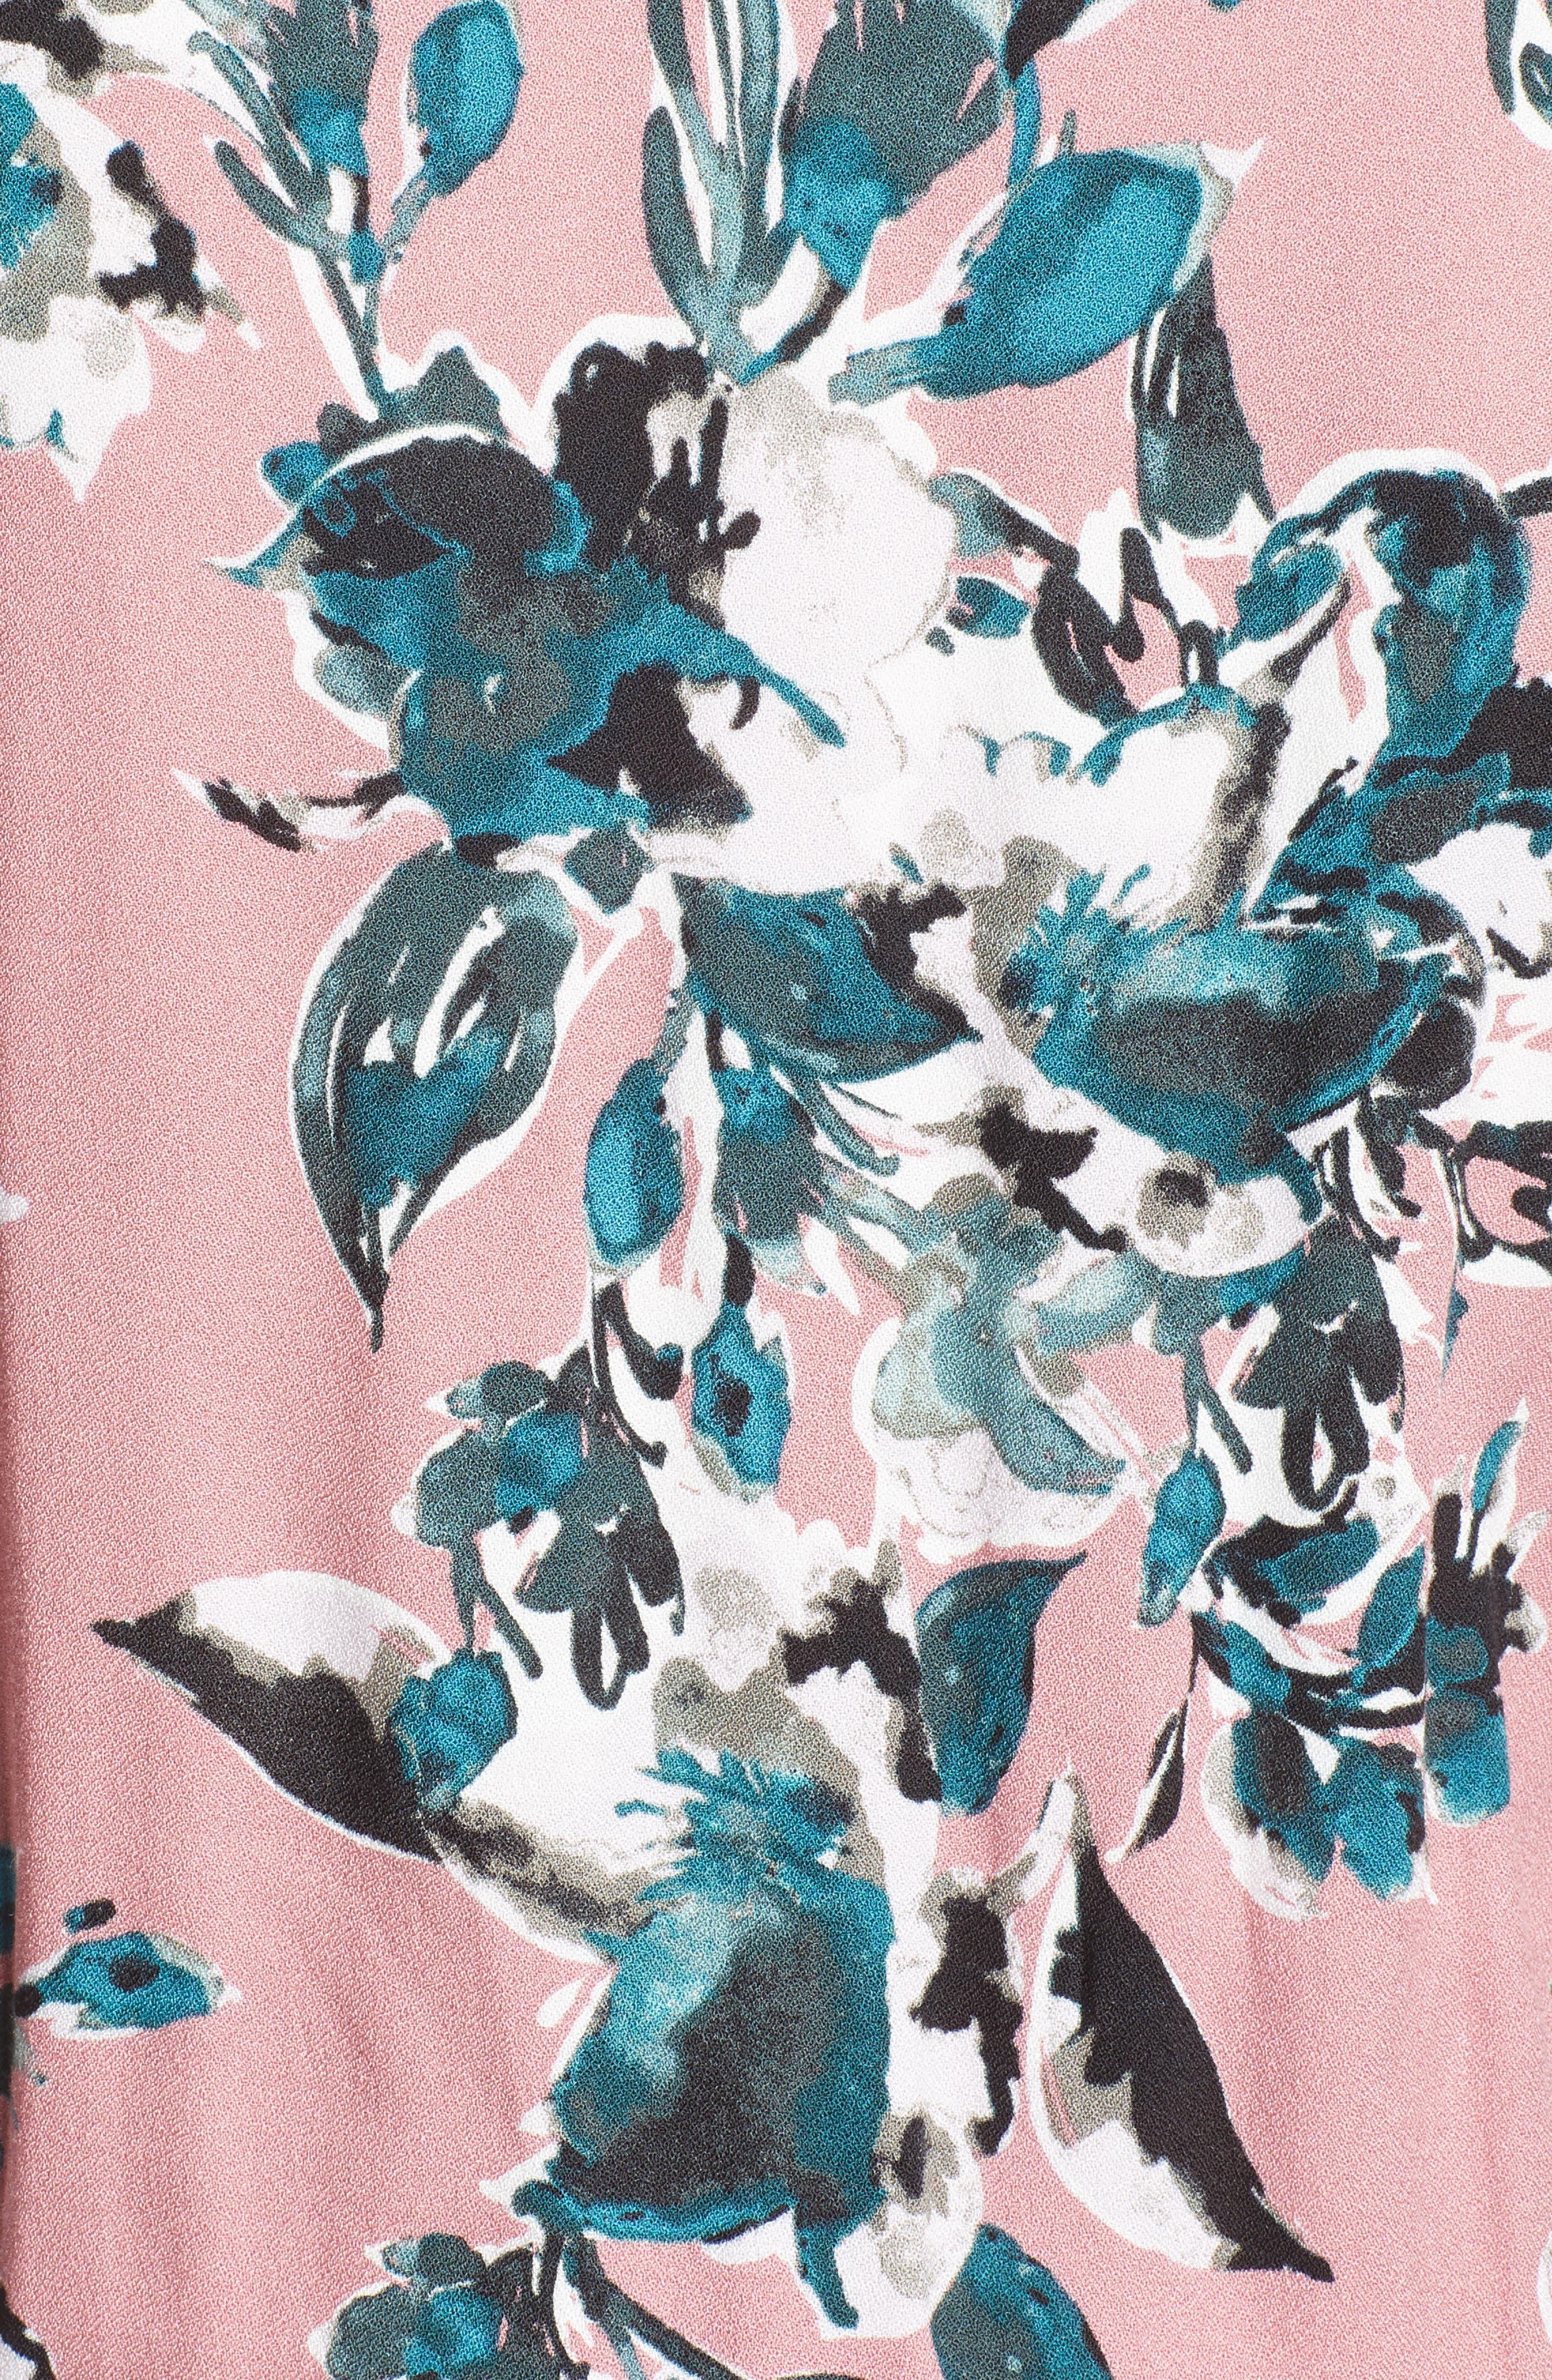 Floral Print Wrap Maxi Dress,                             Alternate thumbnail 5, color,                             Rose Dust